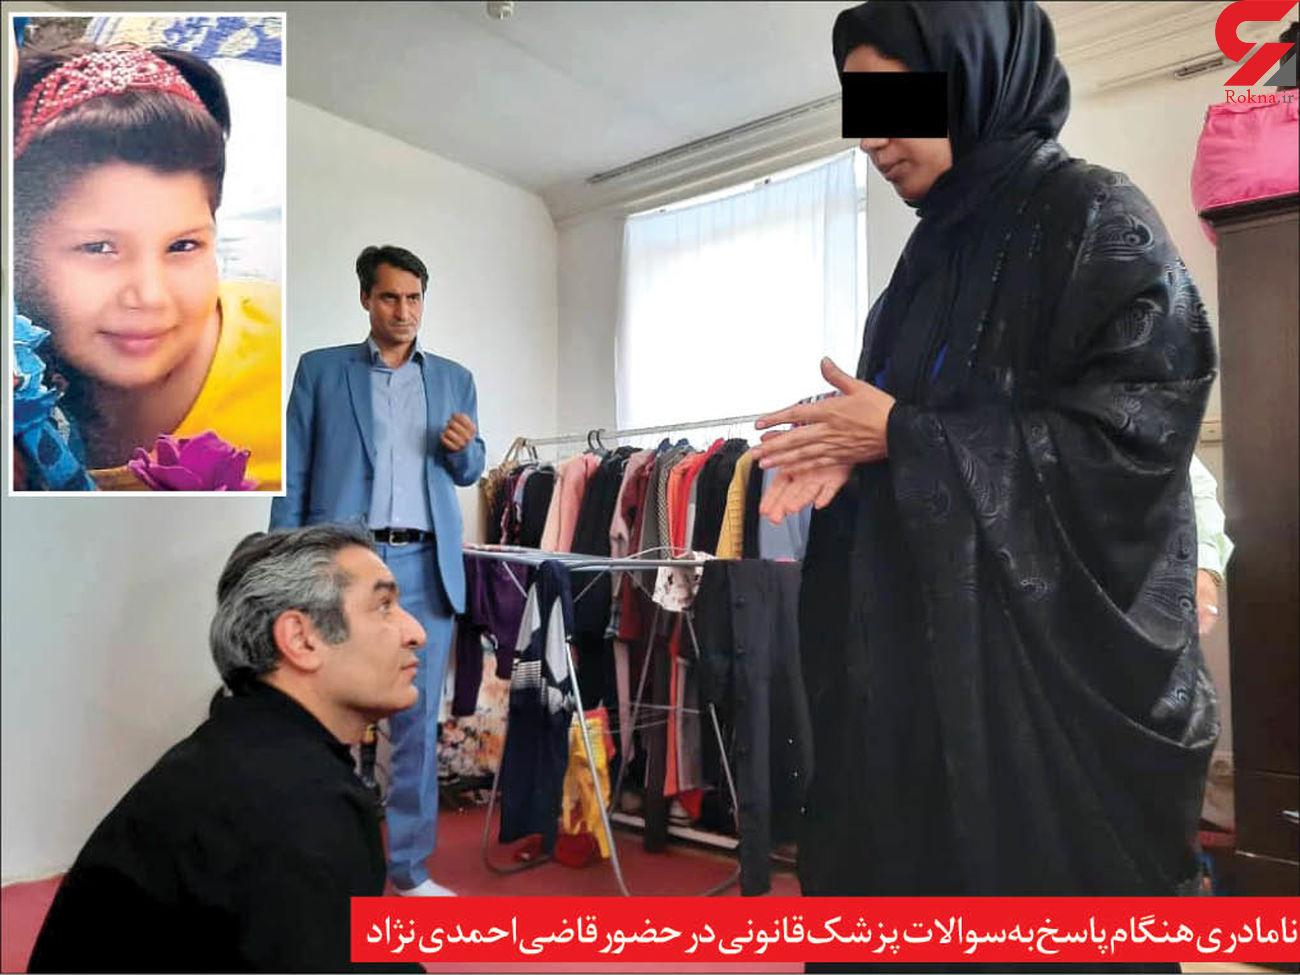 عکس نامادری در قتلگاه عسل دختر 10 ساله مشهدی / آخرین التماس های عسل قبل از مرگ